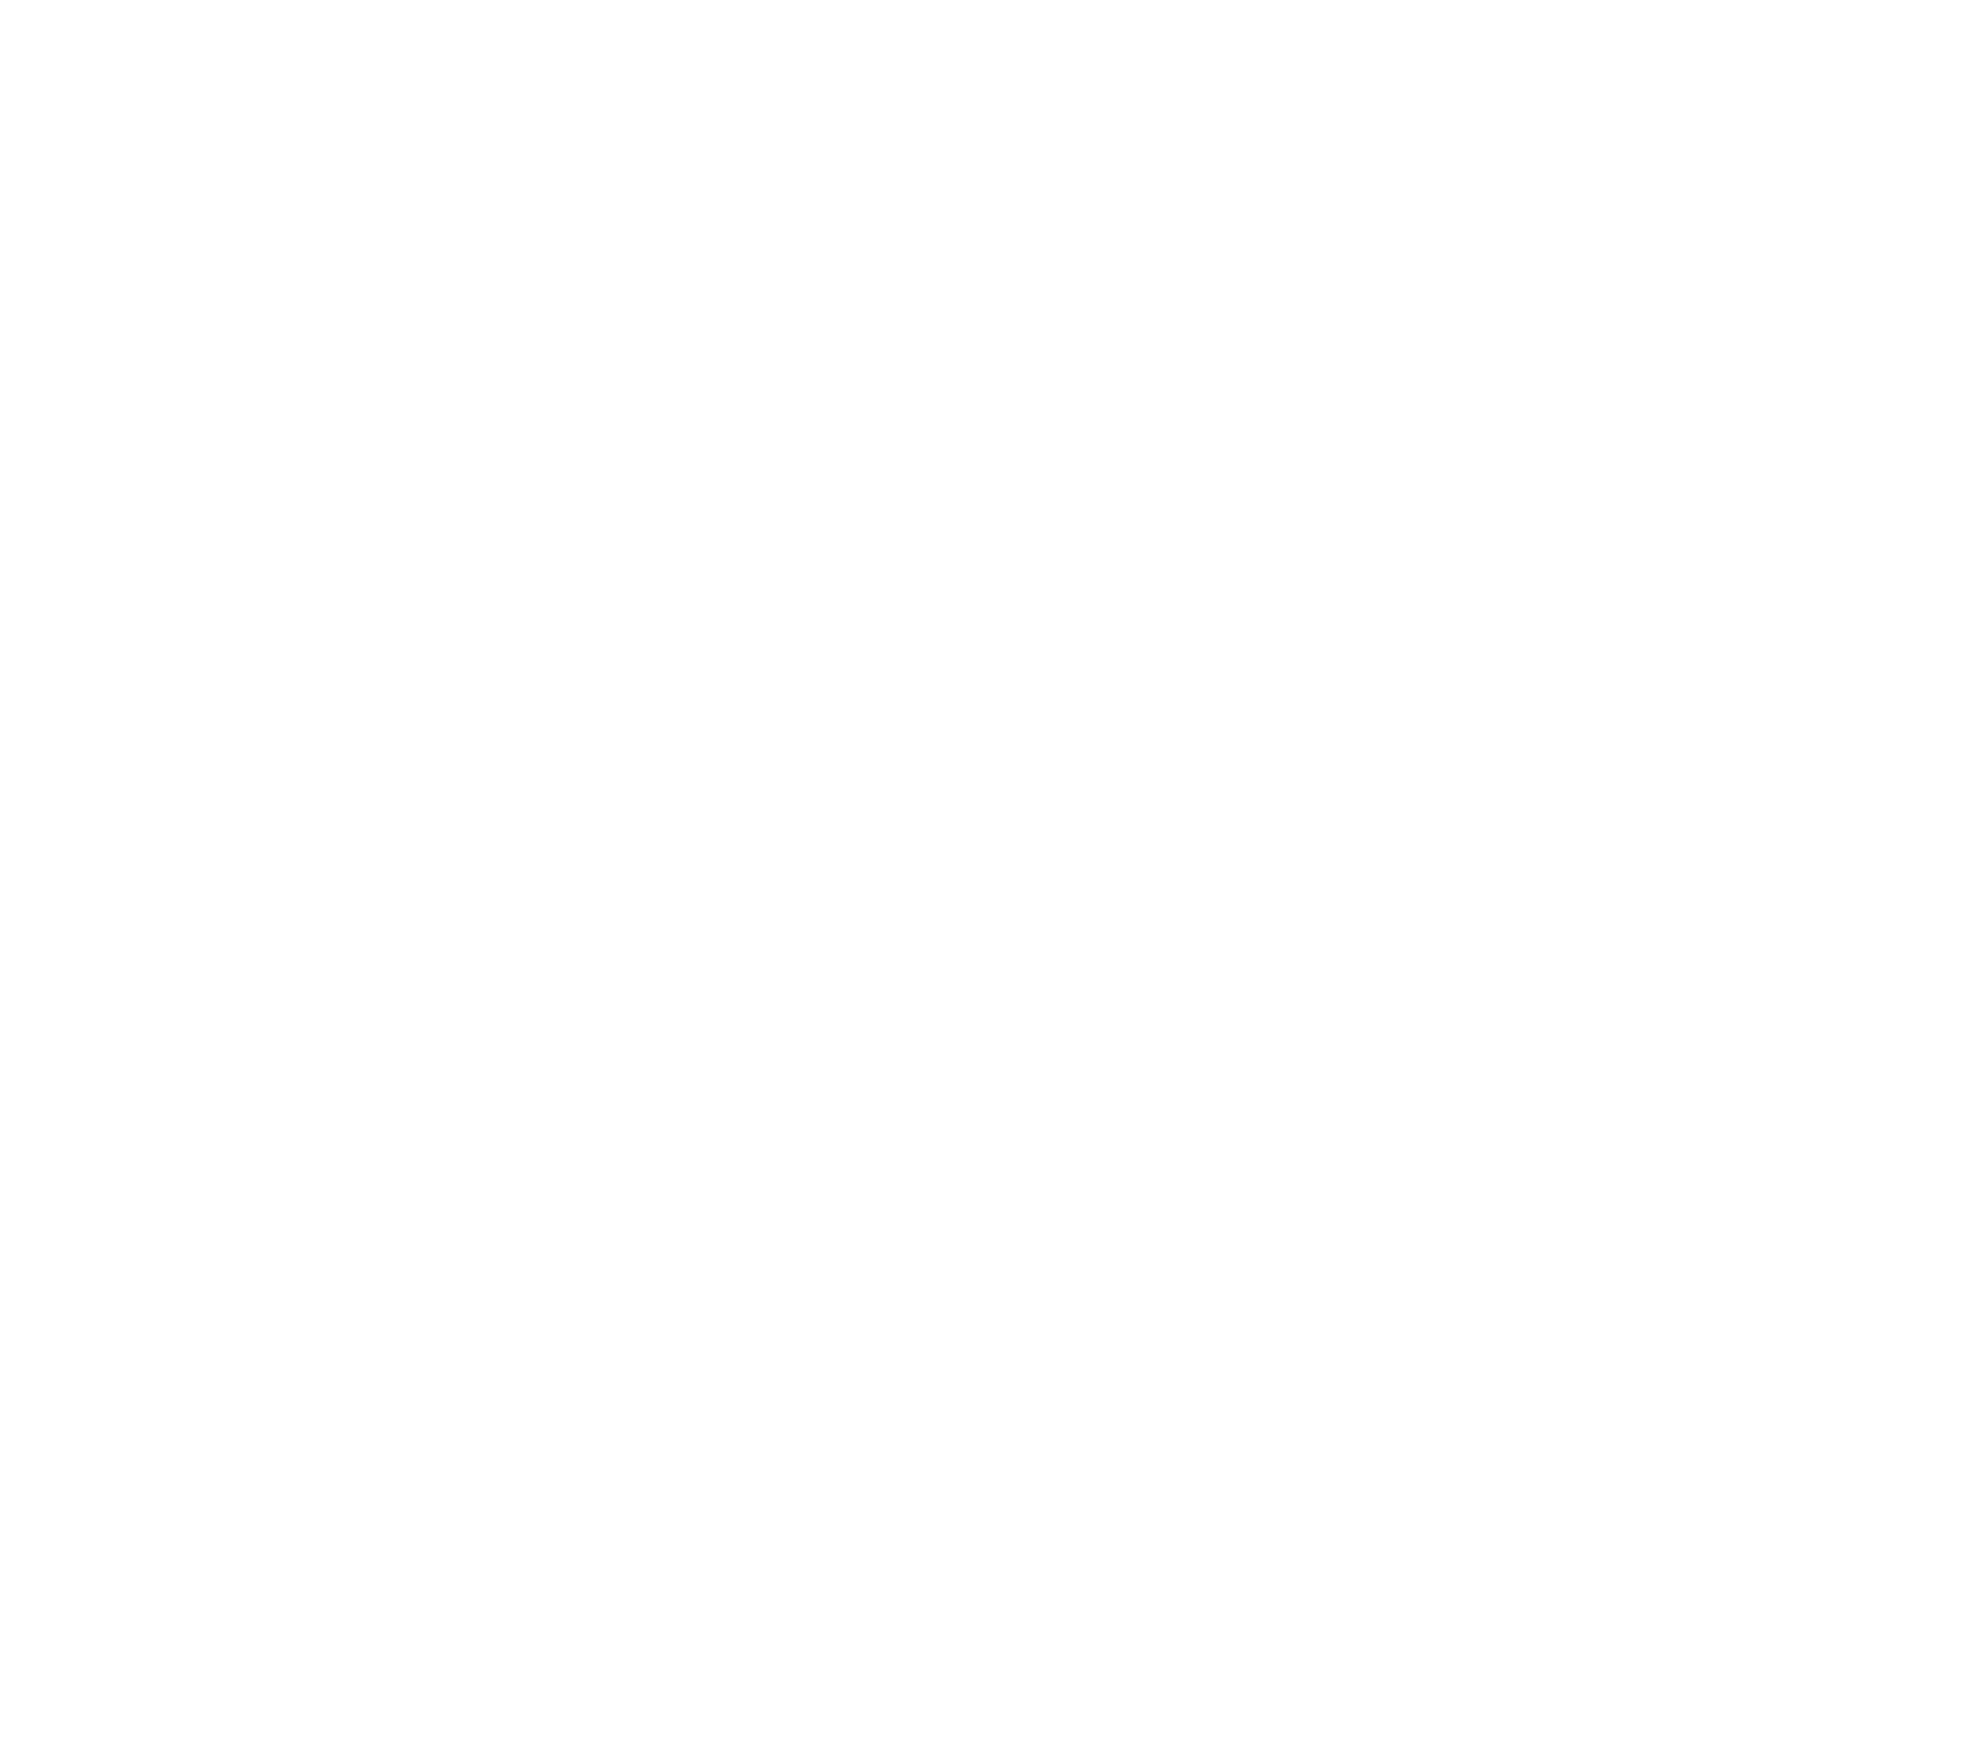 MortonArb